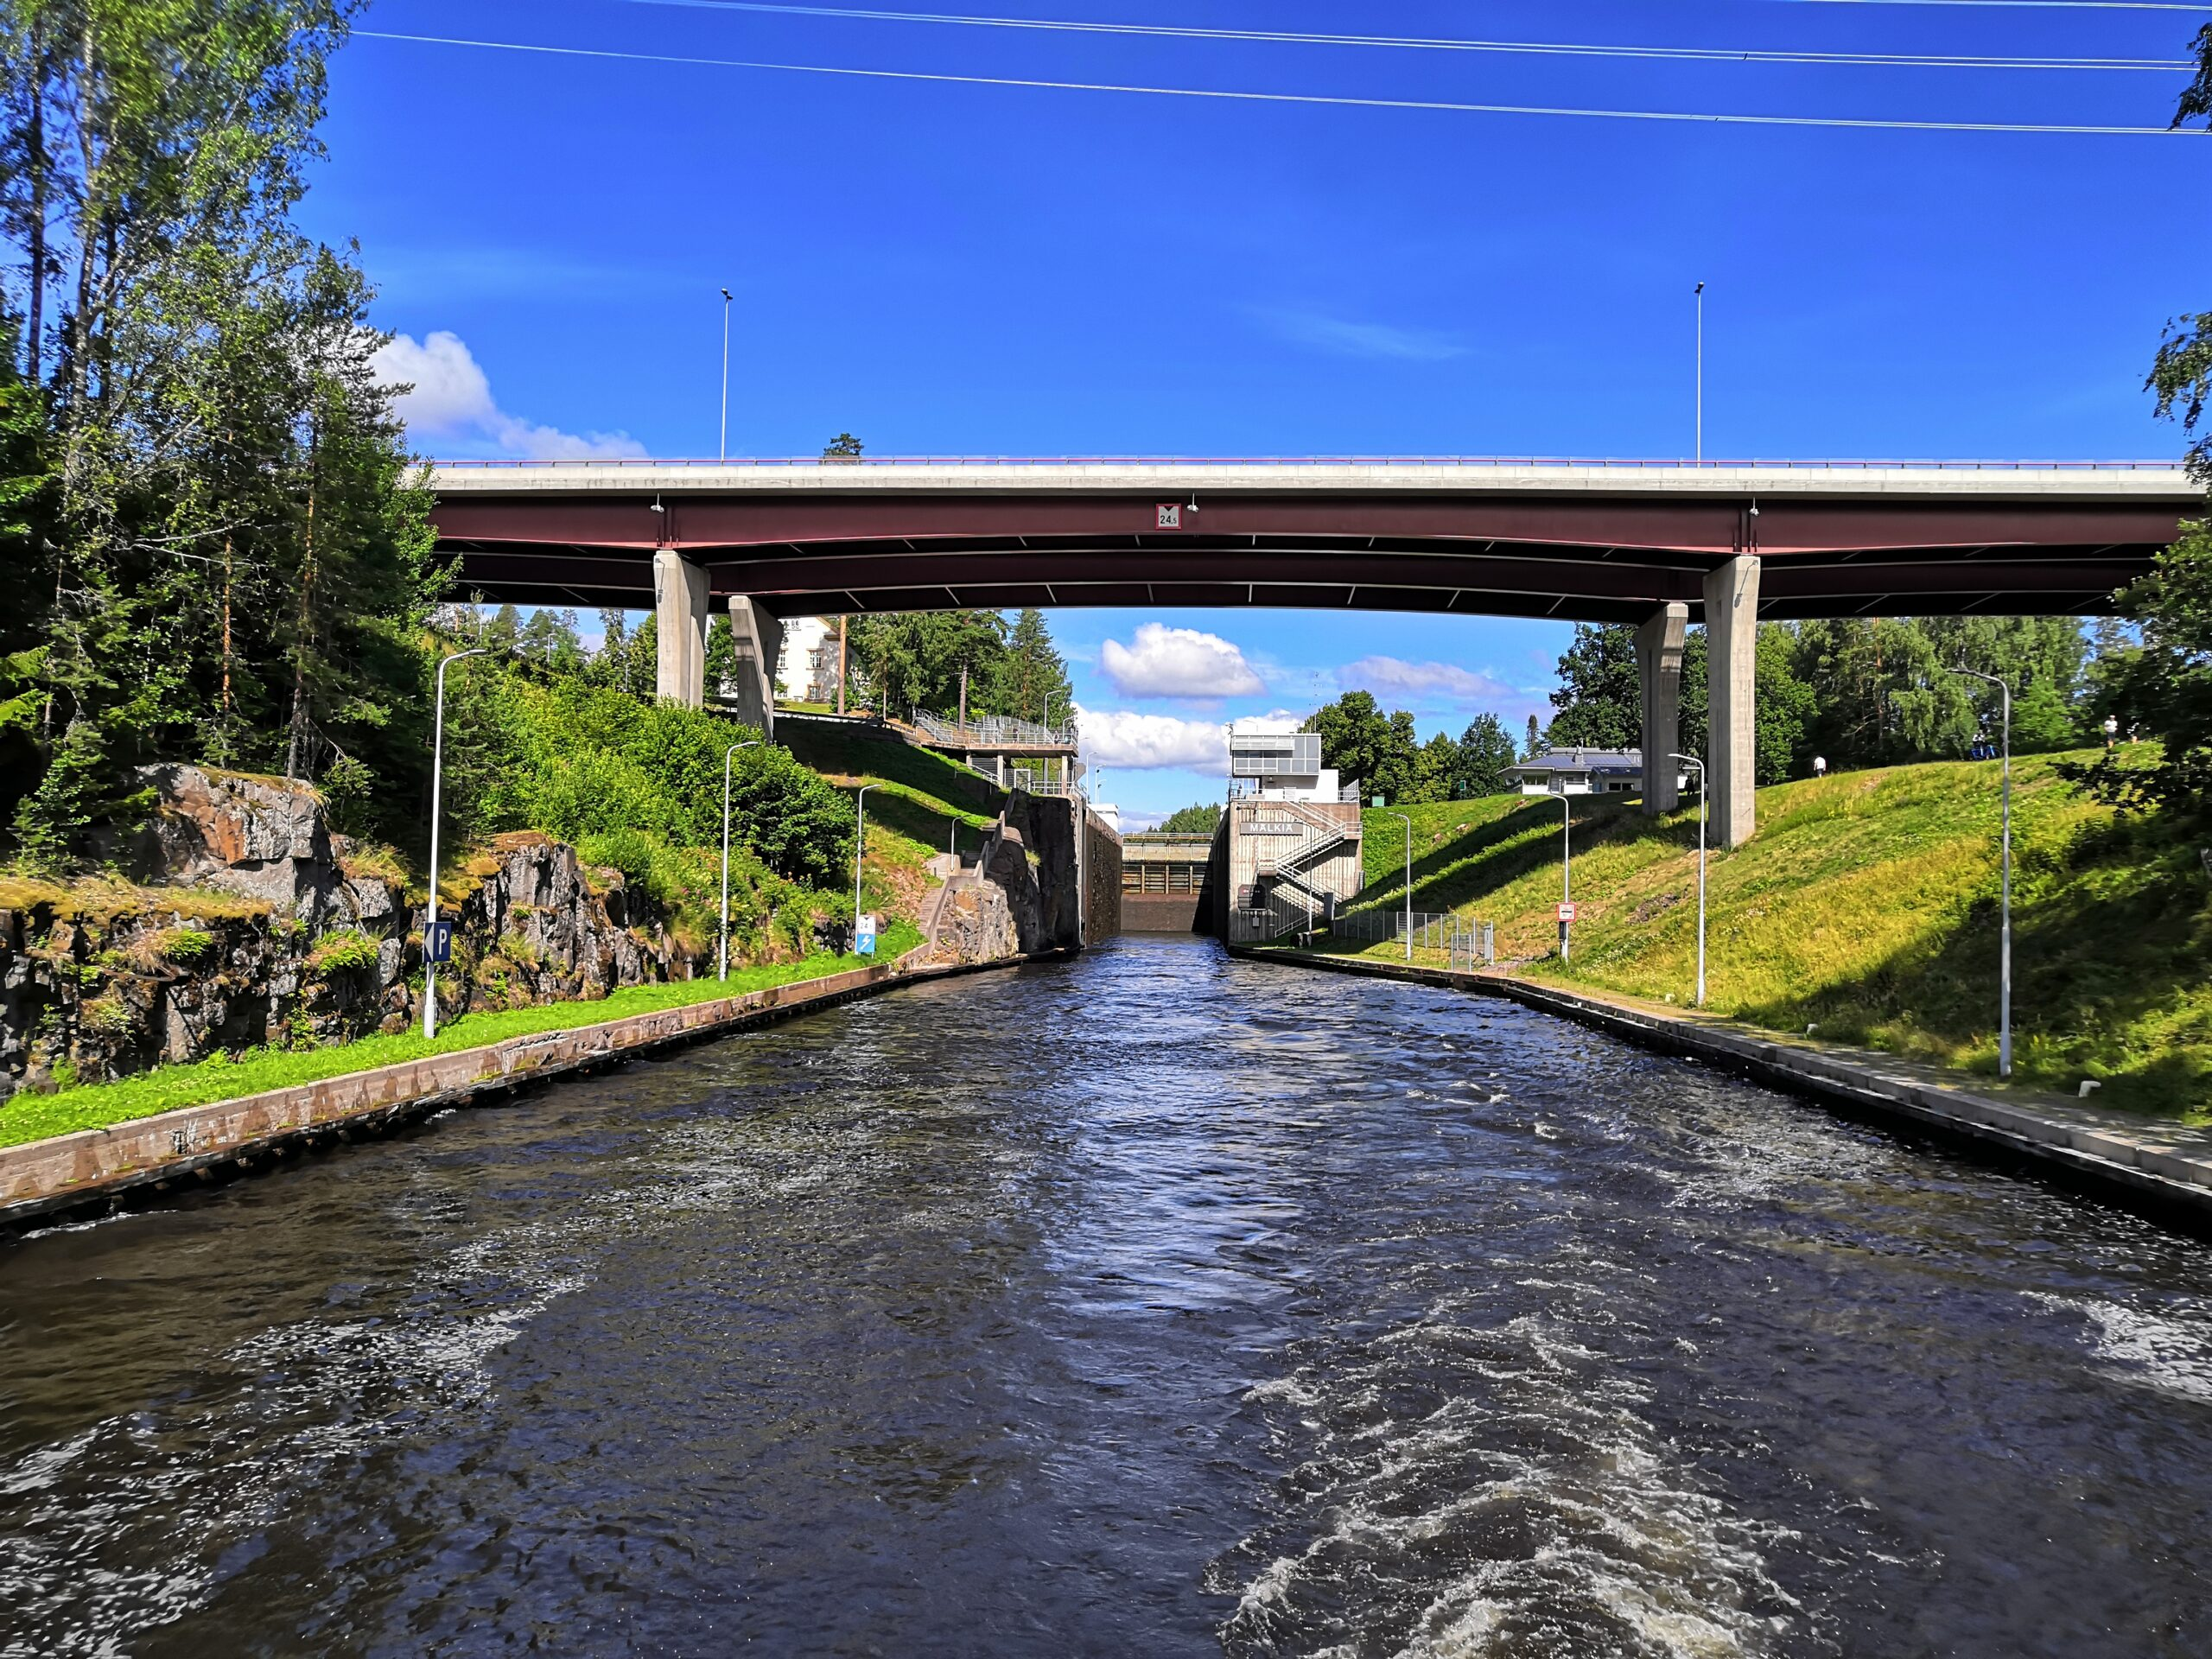 One-way ticket, Lappeenranta-Nuijamaa / Nuijamaa-Lappeenranta